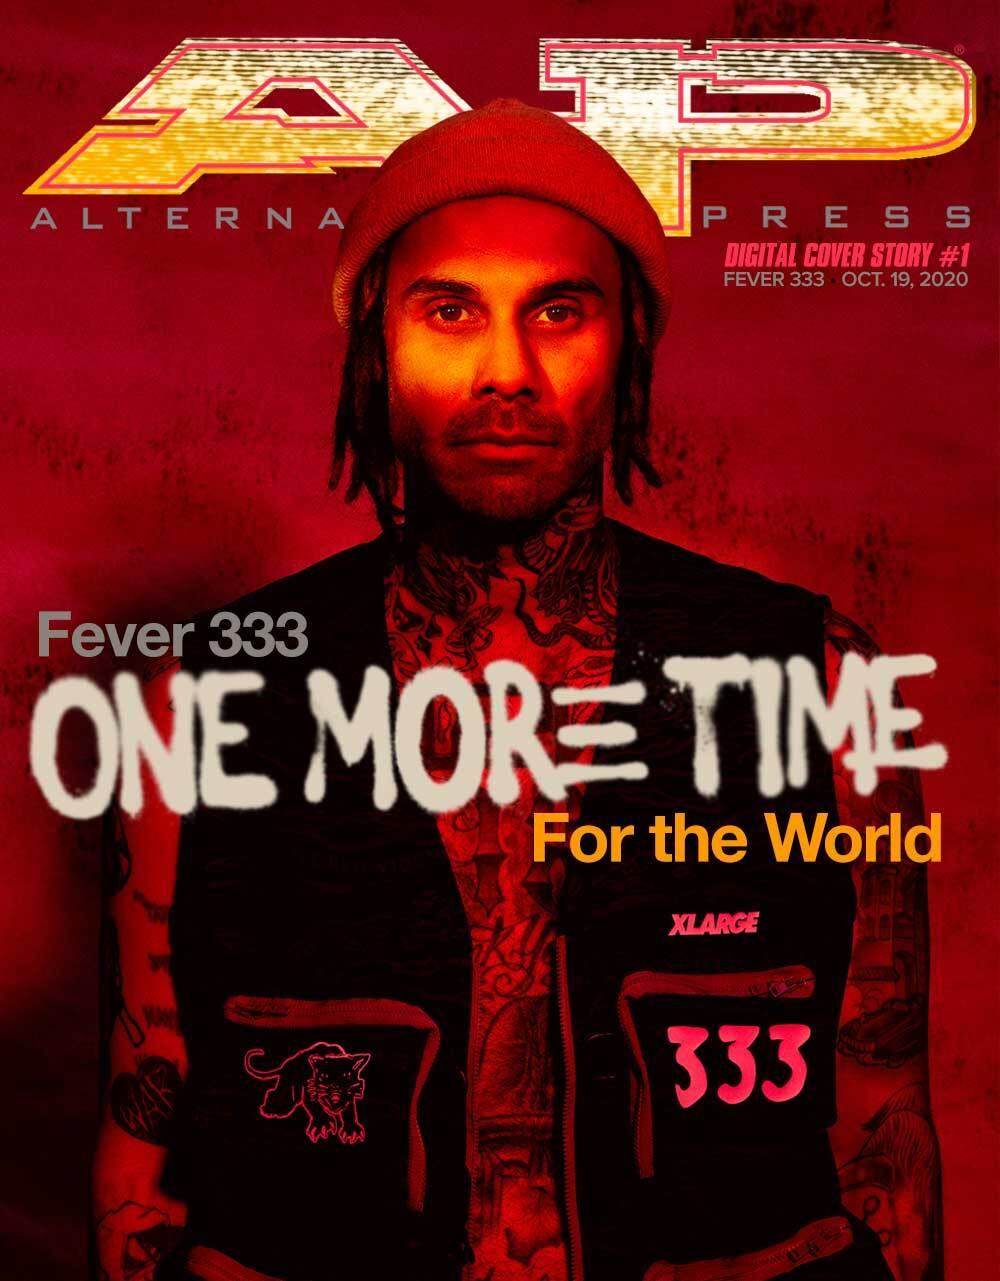 fever 333 digital cover story cover